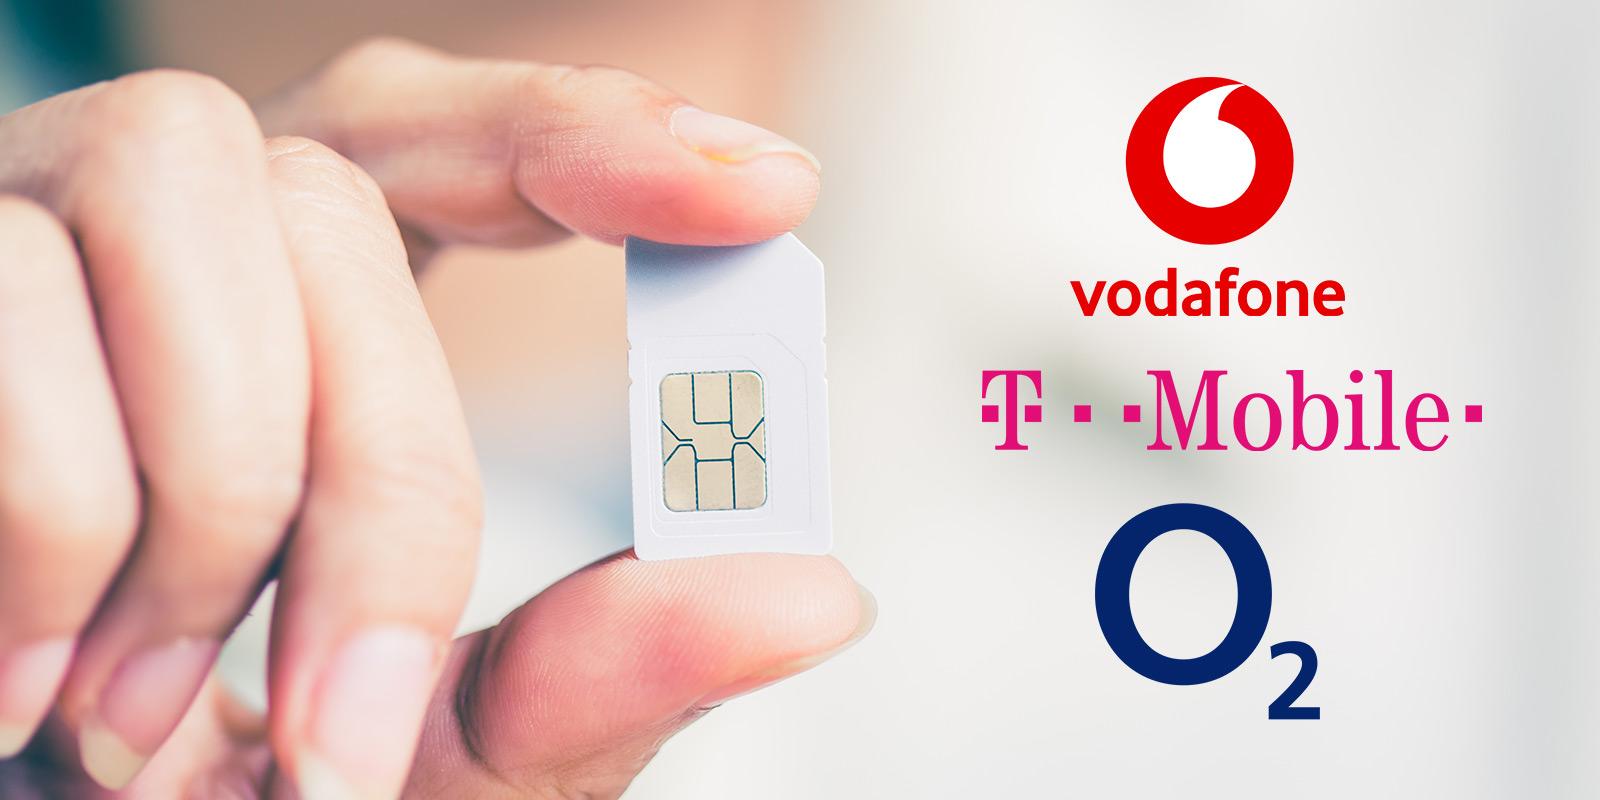 Neomezená data v mobilu. Aktuální přehled trhu po datové revoluci u O2, T-Mobile a Vodafone